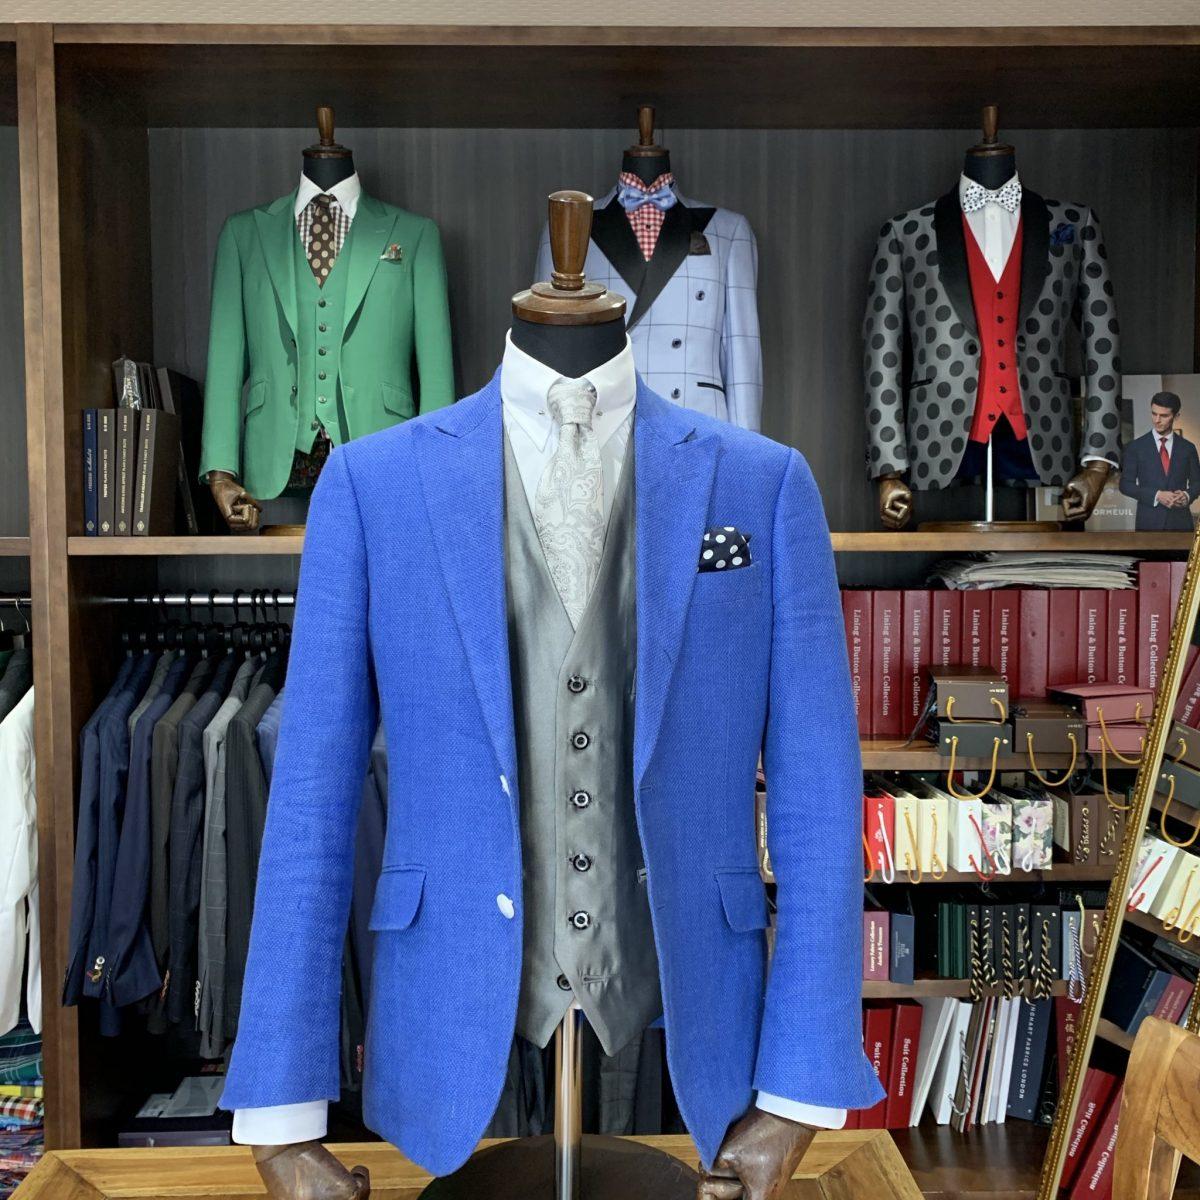 滋賀県長浜市M様のオーダースーツを仕上げさせていただきました!